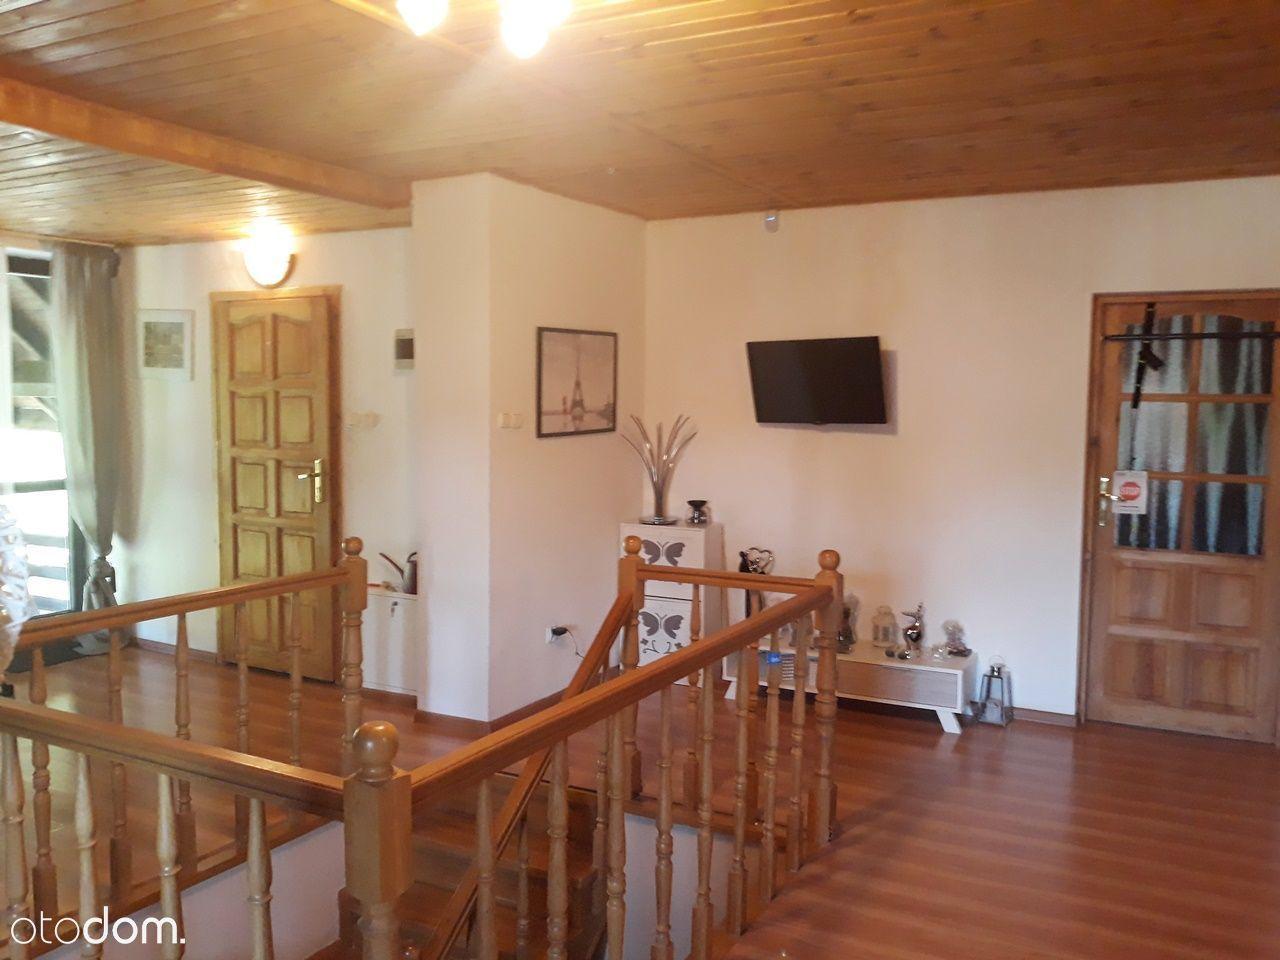 Dom na sprzedaż, Głosków-Letnisko, piaseczyński, mazowieckie - Foto 16